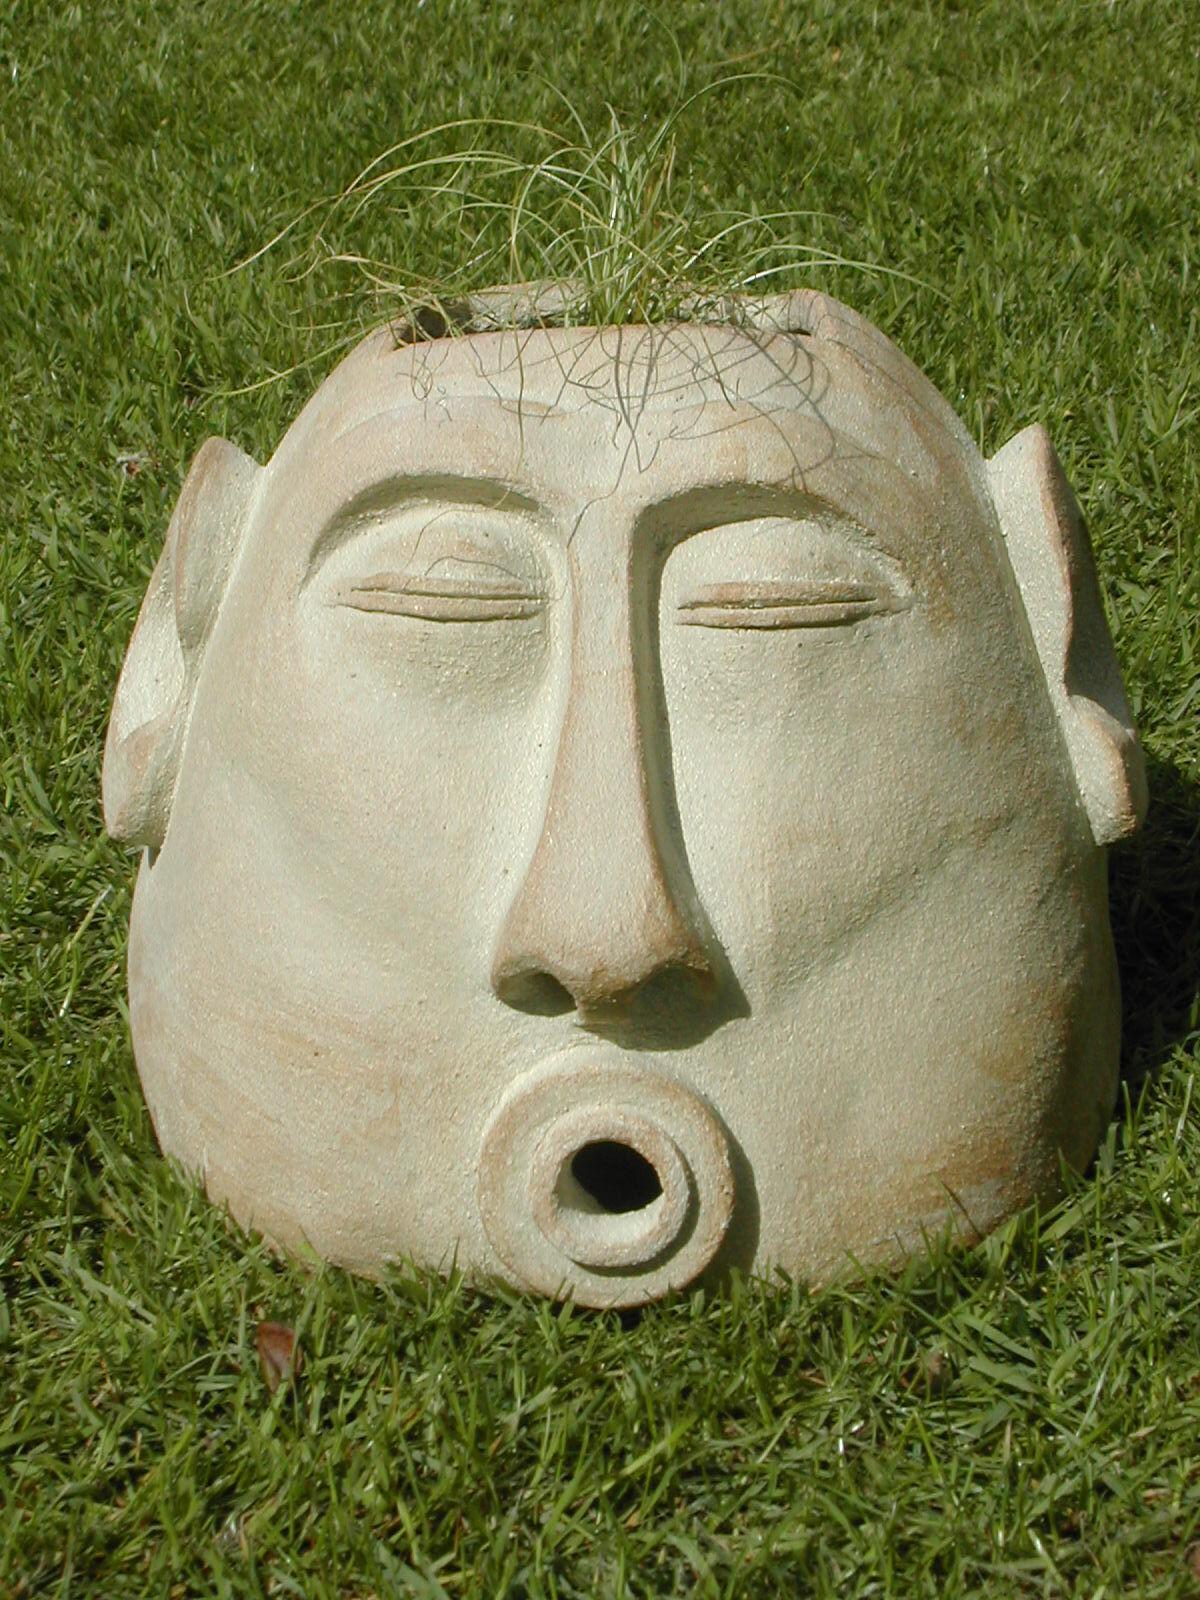 Grass pot man singing